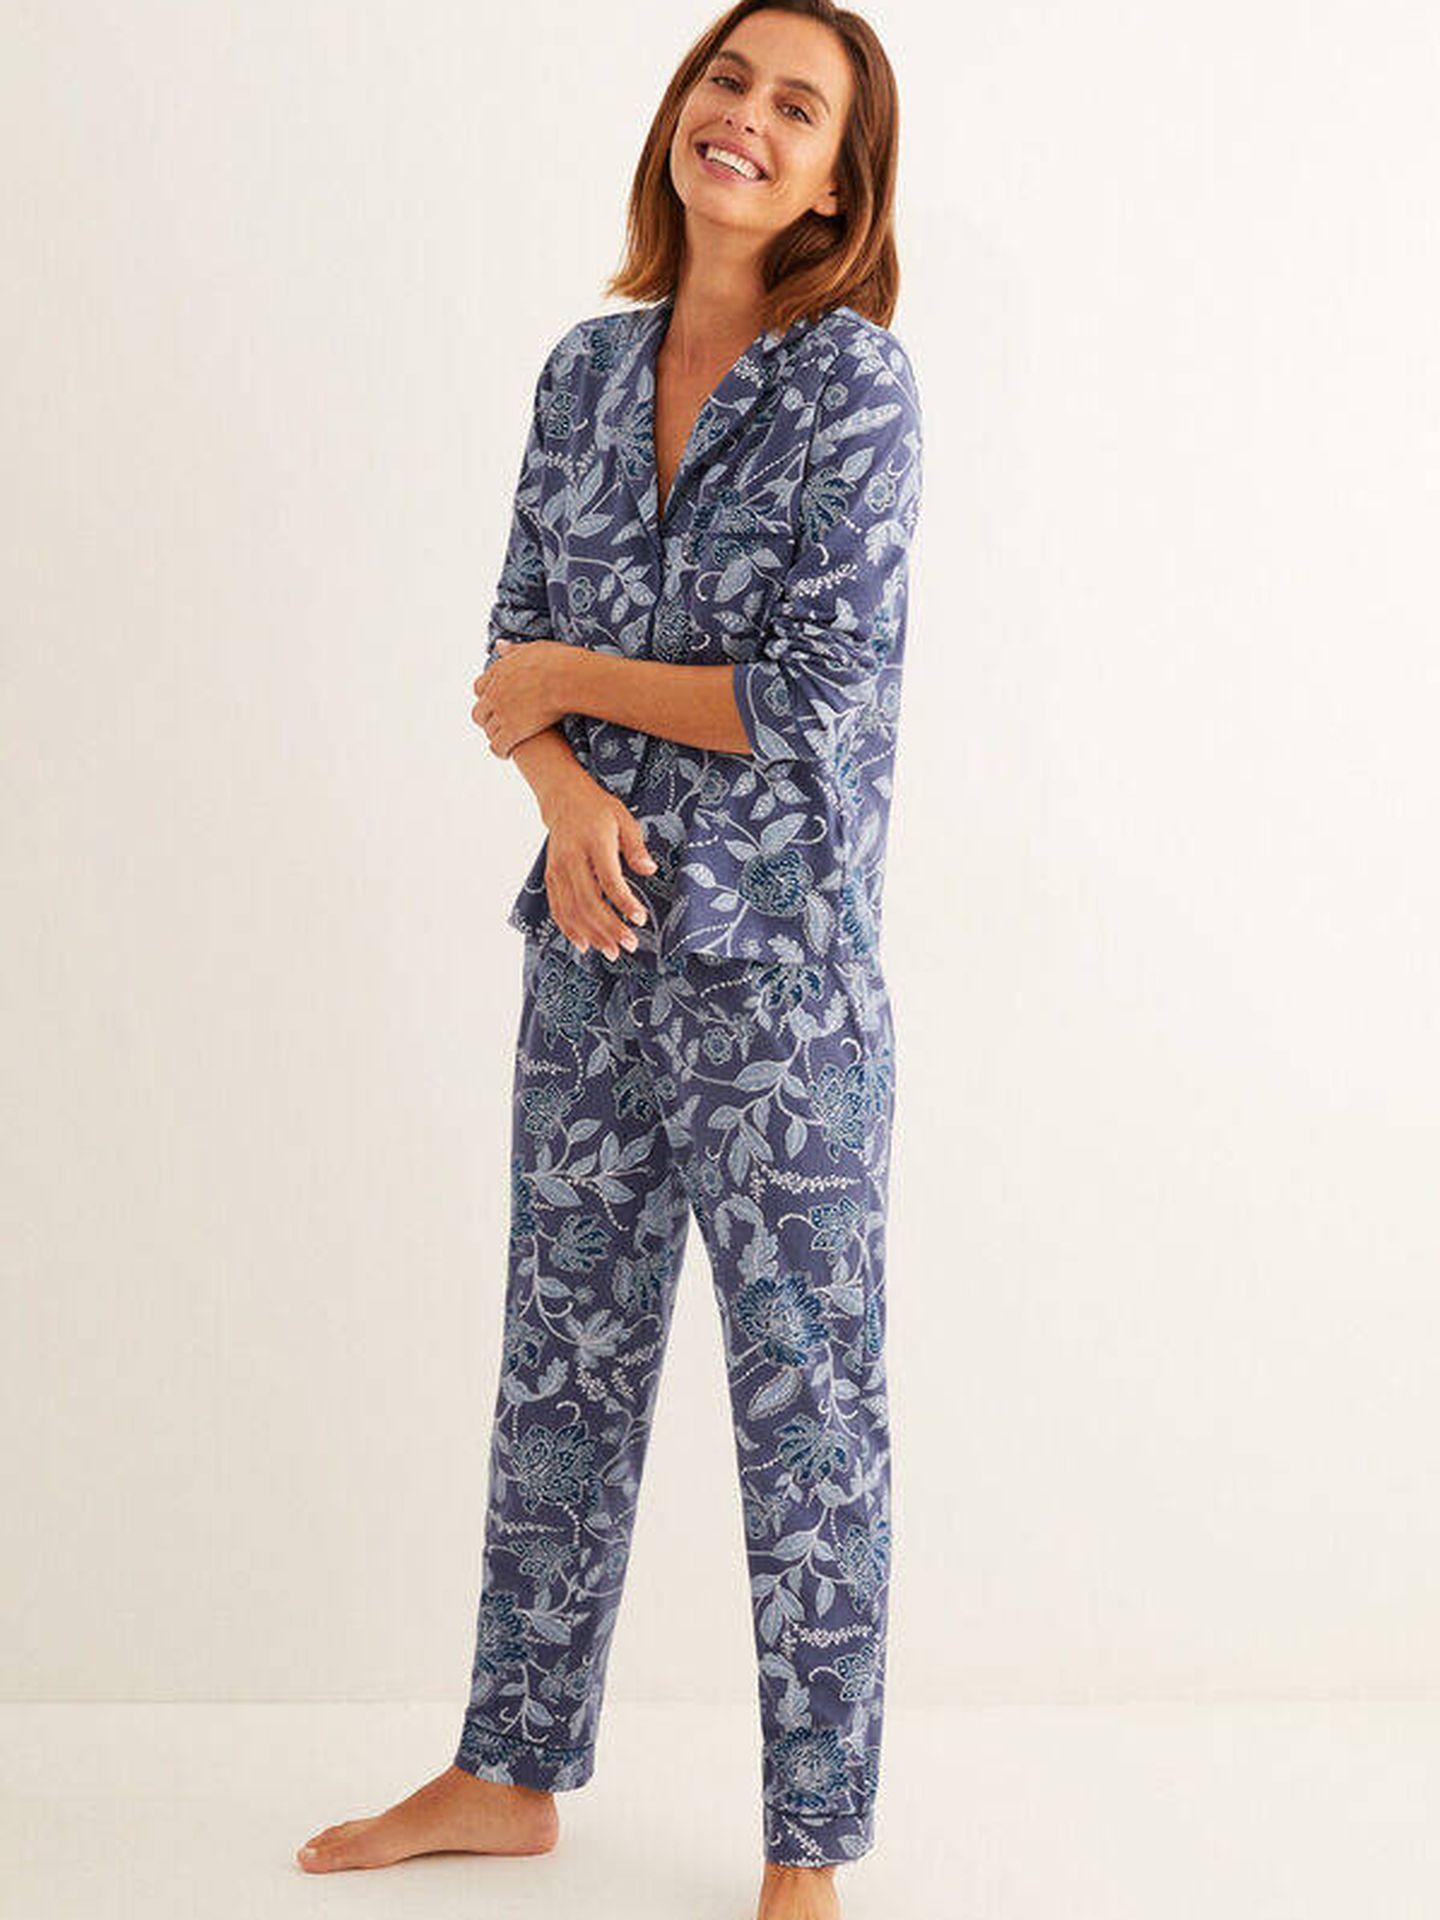 Pijama rebajado de Women Secret. (Cortesía)